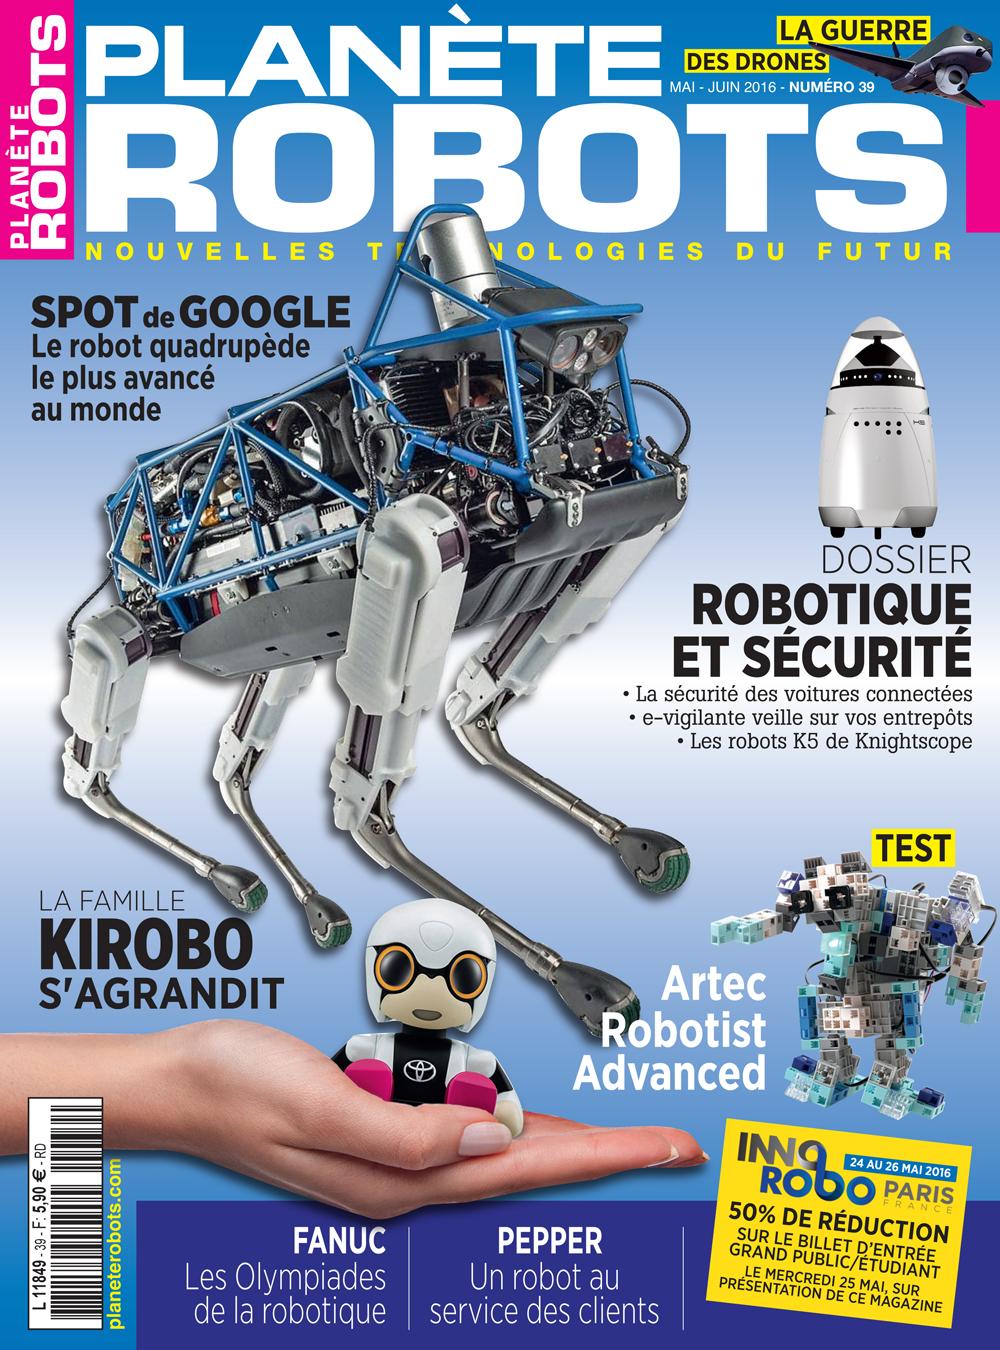 Planète Robots numéro 39